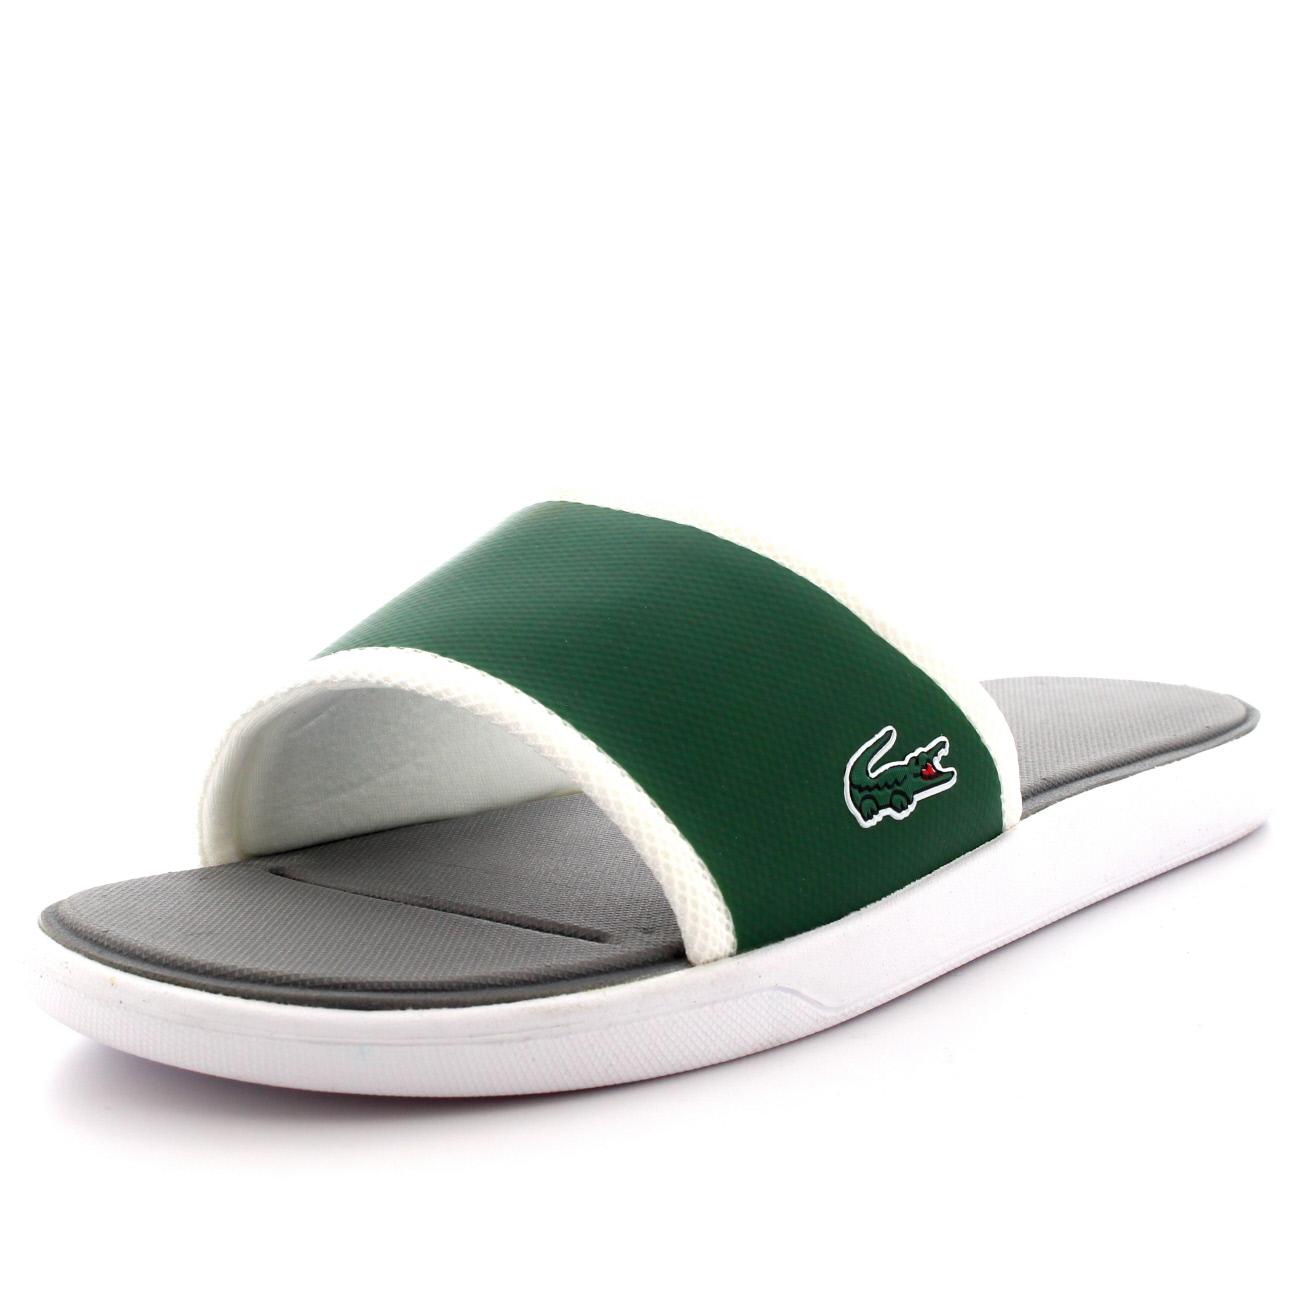 Lacoste L.30 Slide Sandal